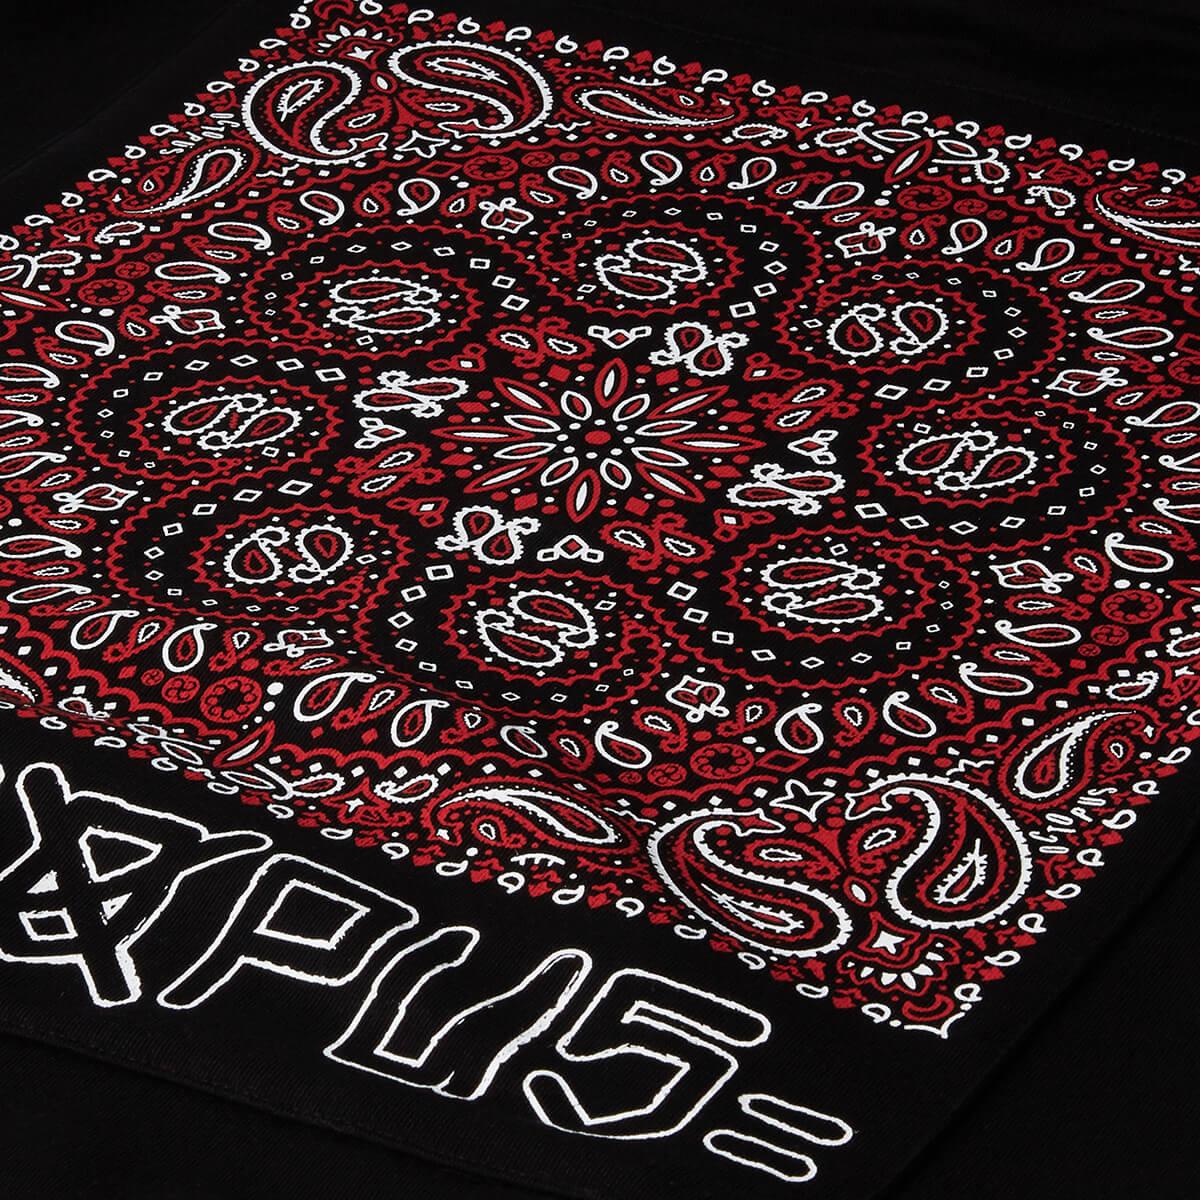 Octopus Felpa Bandana Logo Hoodie_